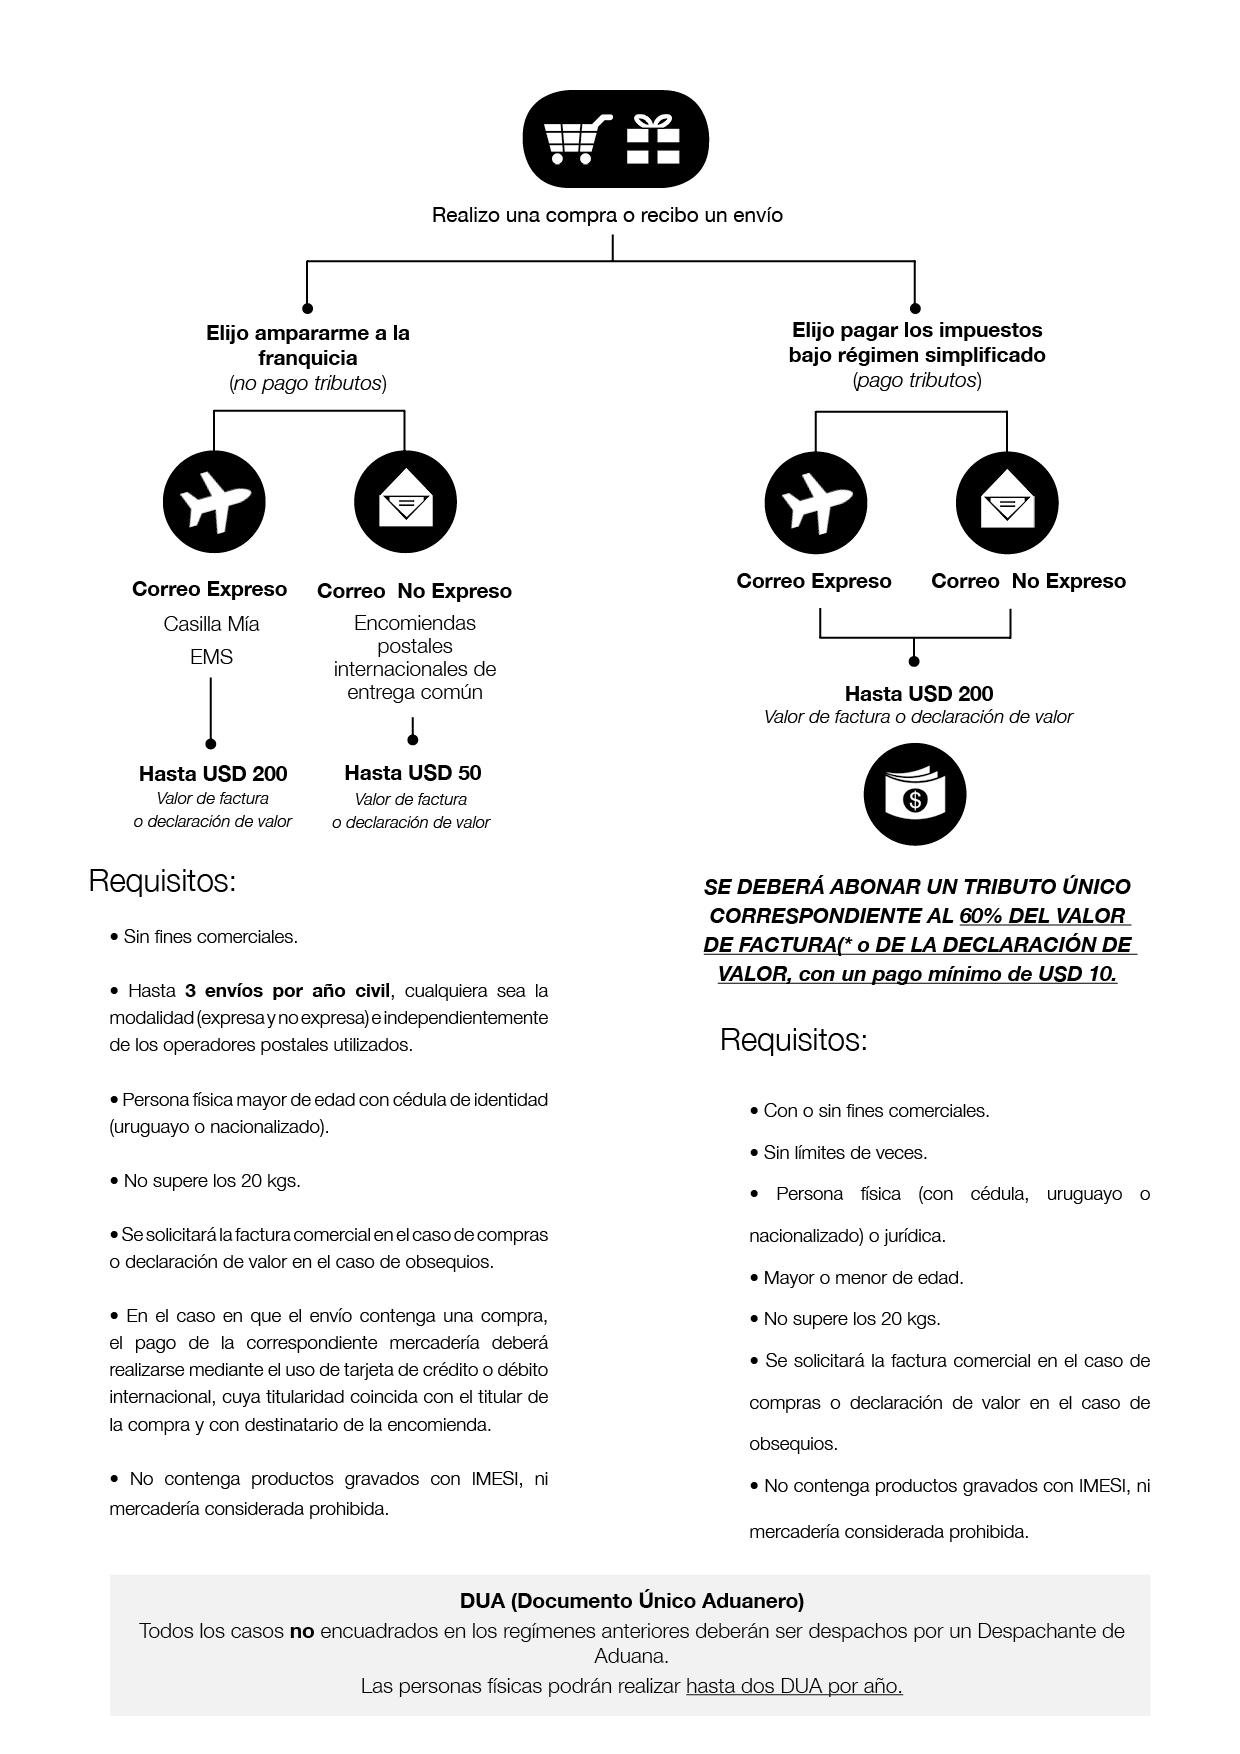 Requisitos y consideraciones para comprar por Internet en Uruguay